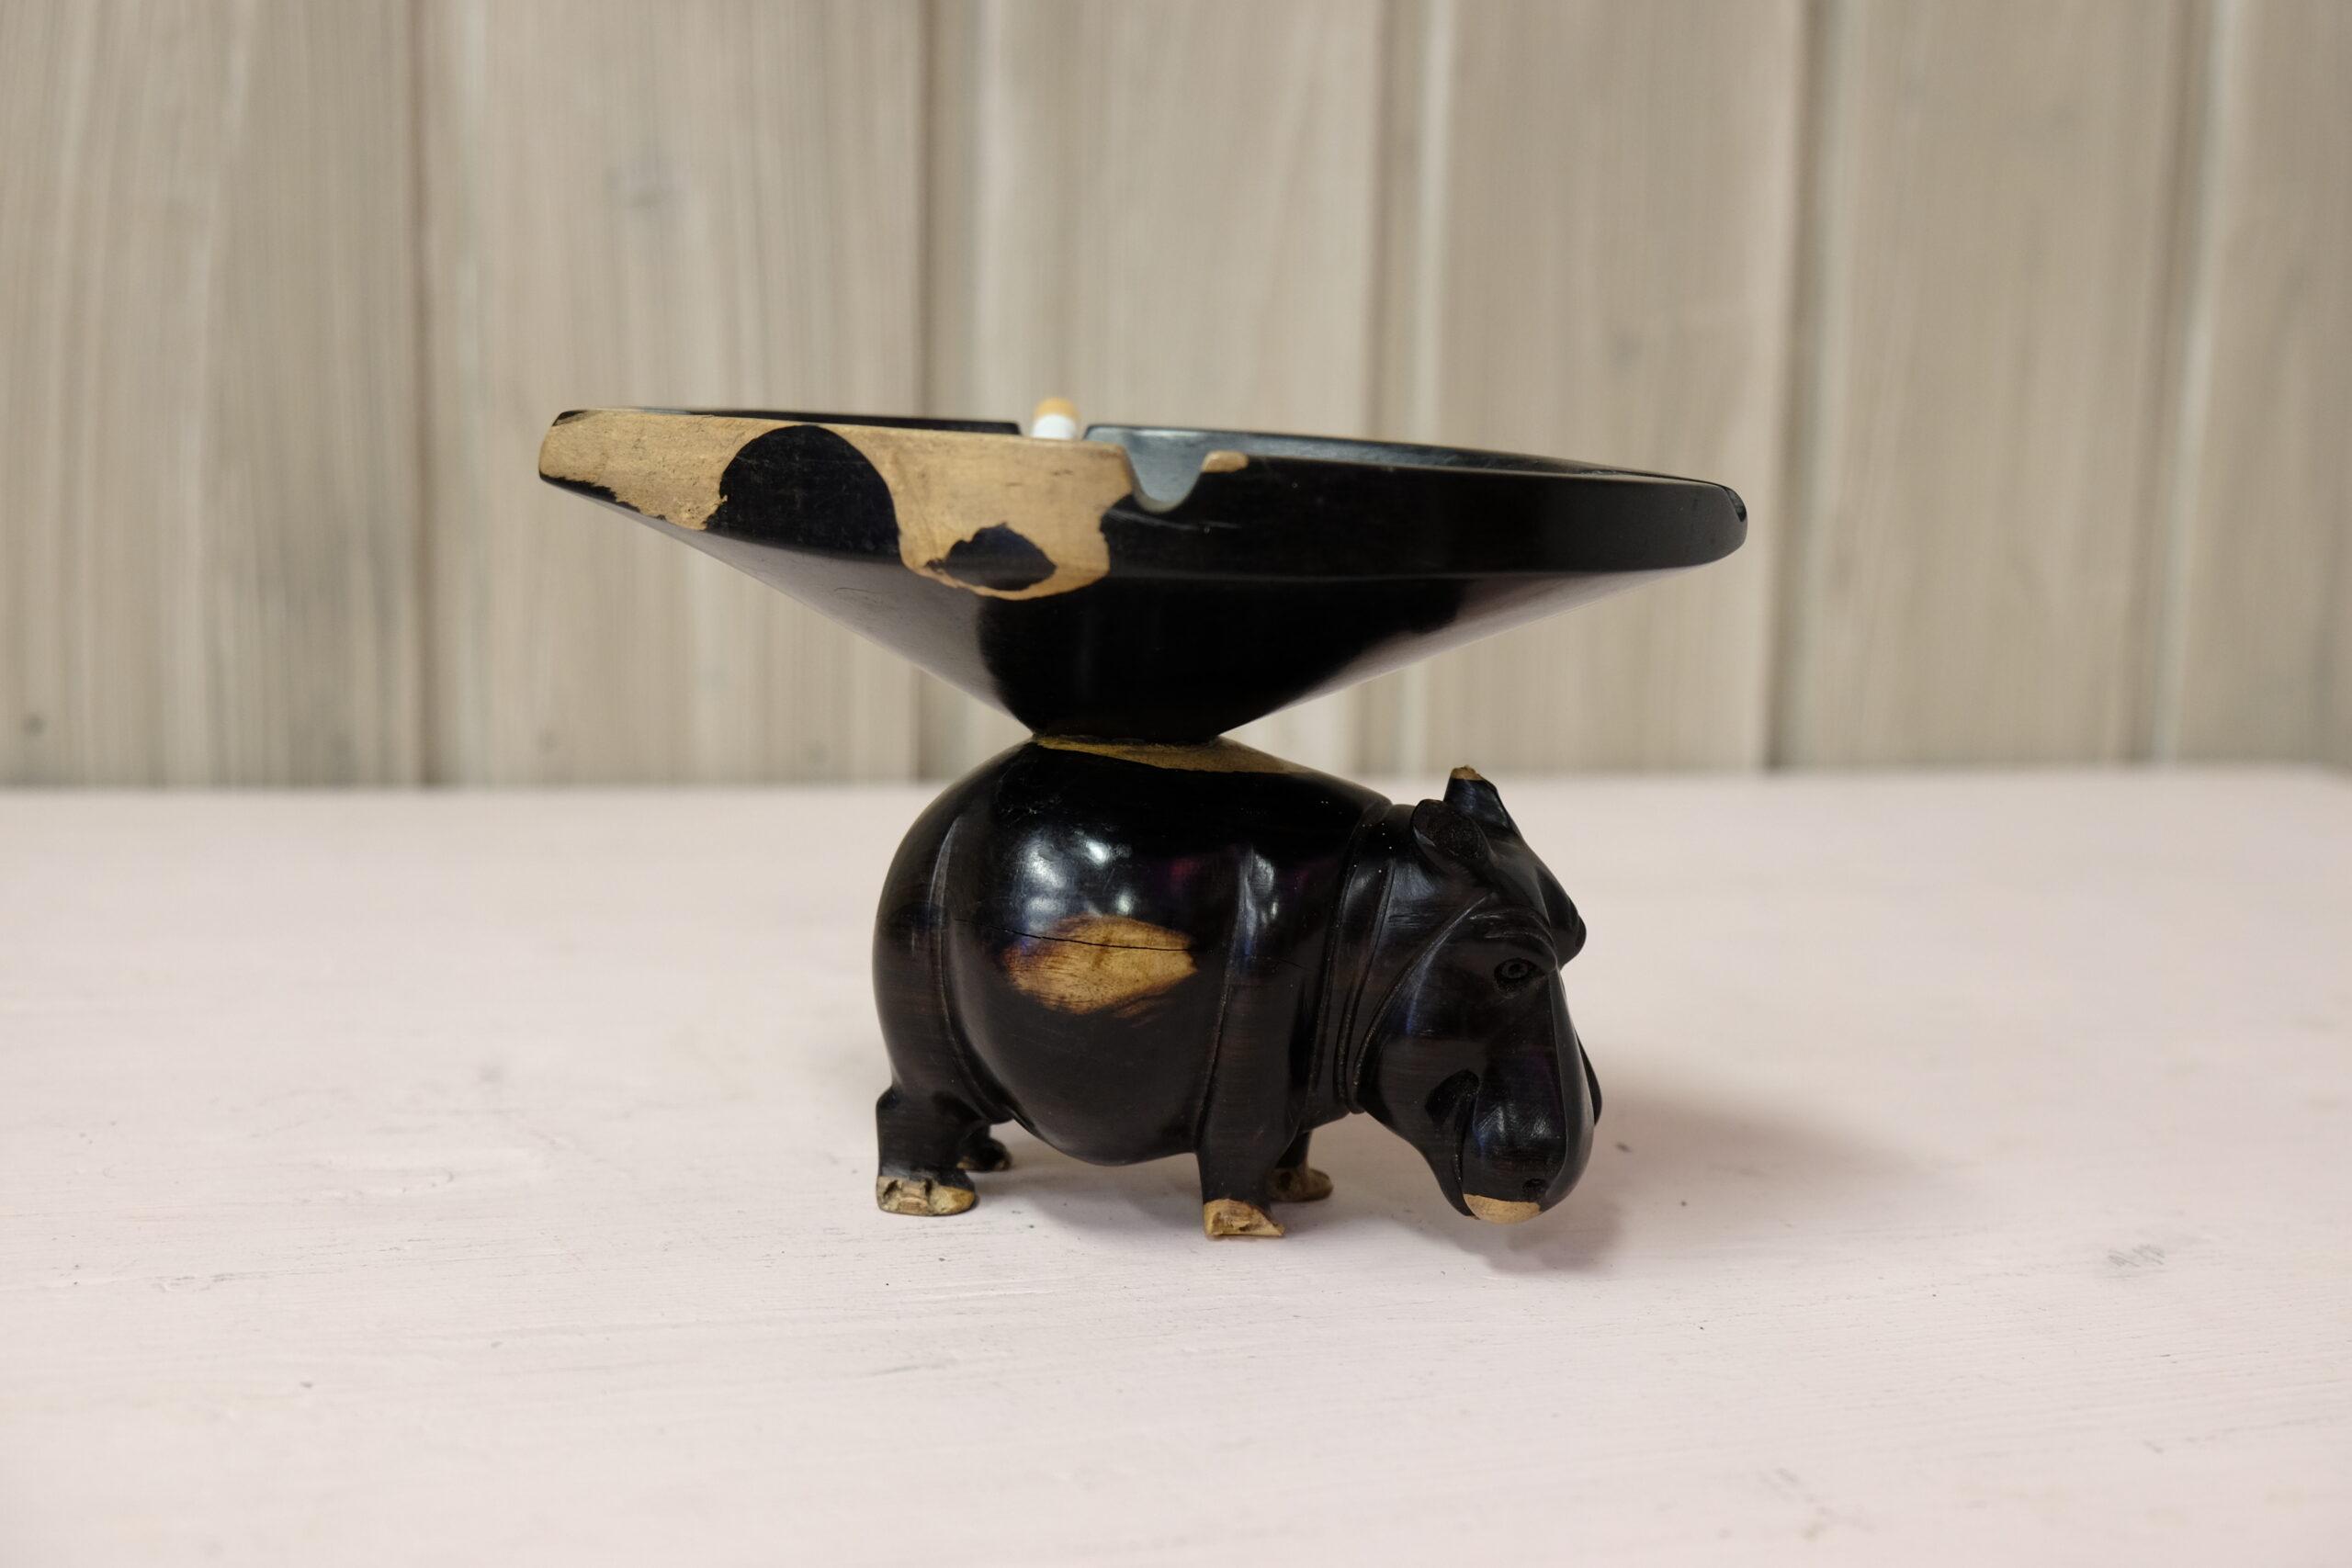 Hippopotamus with ashtray on its back ebony wood